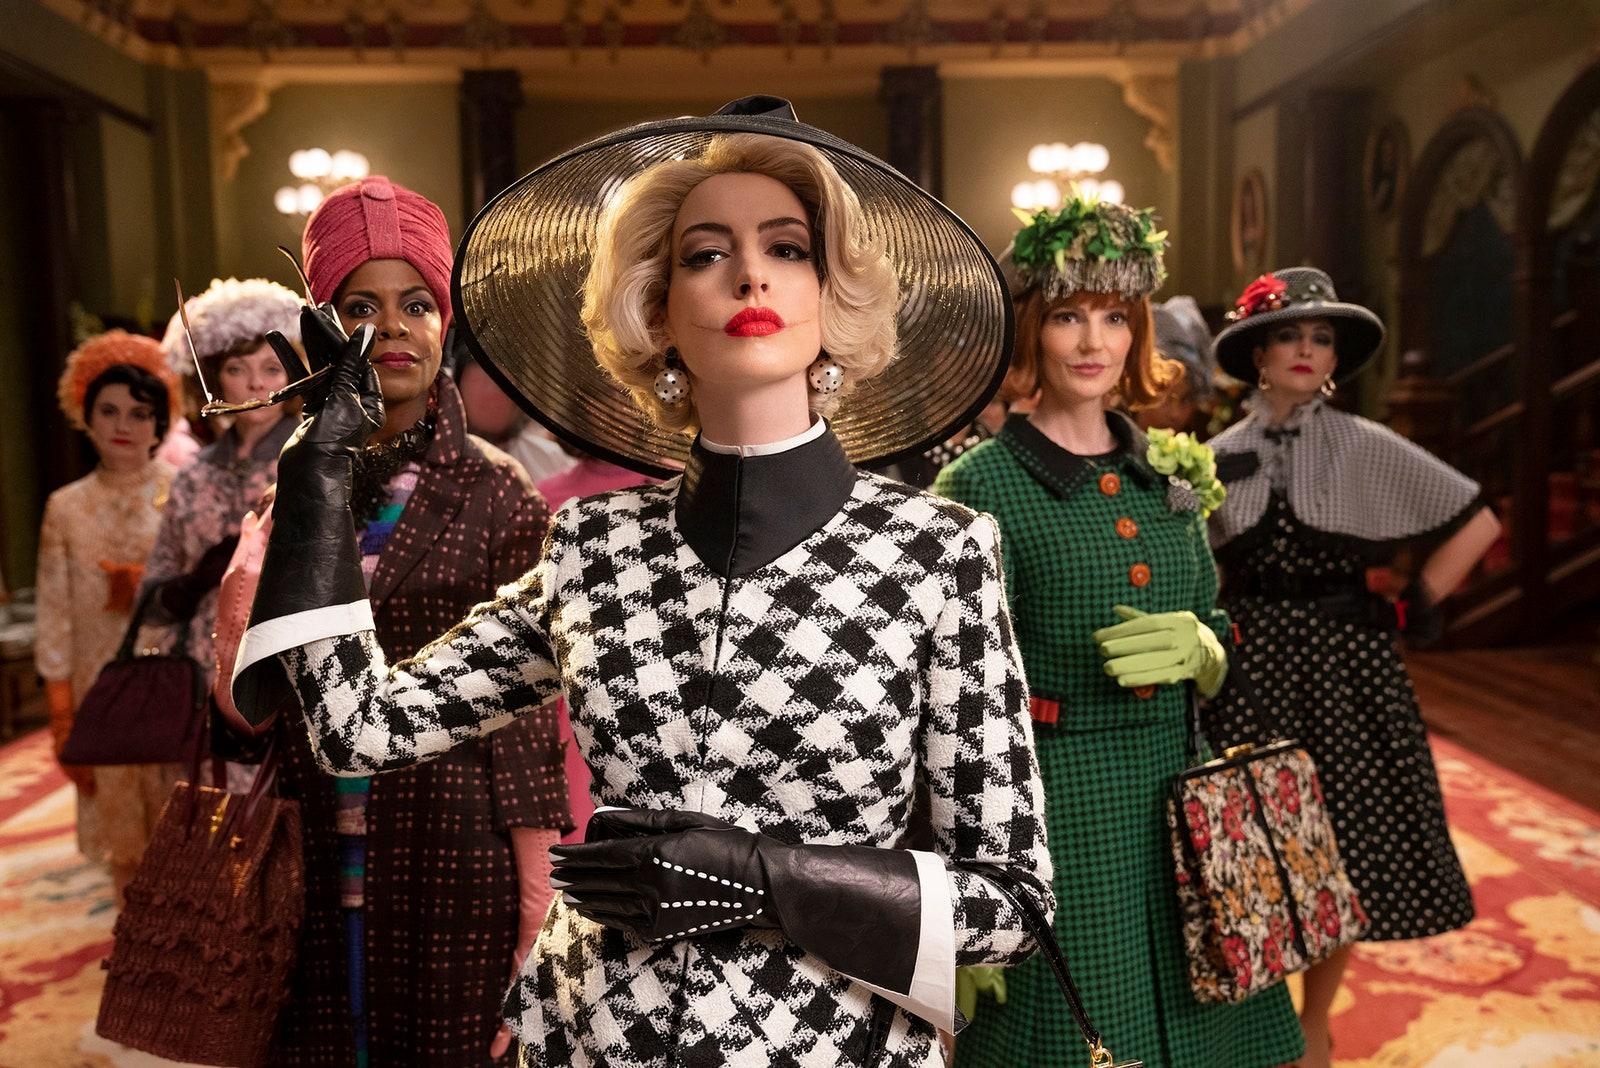 grupa ekstrawagancko ubranych kobiet w bogato urządzonym budynku moda w filmie